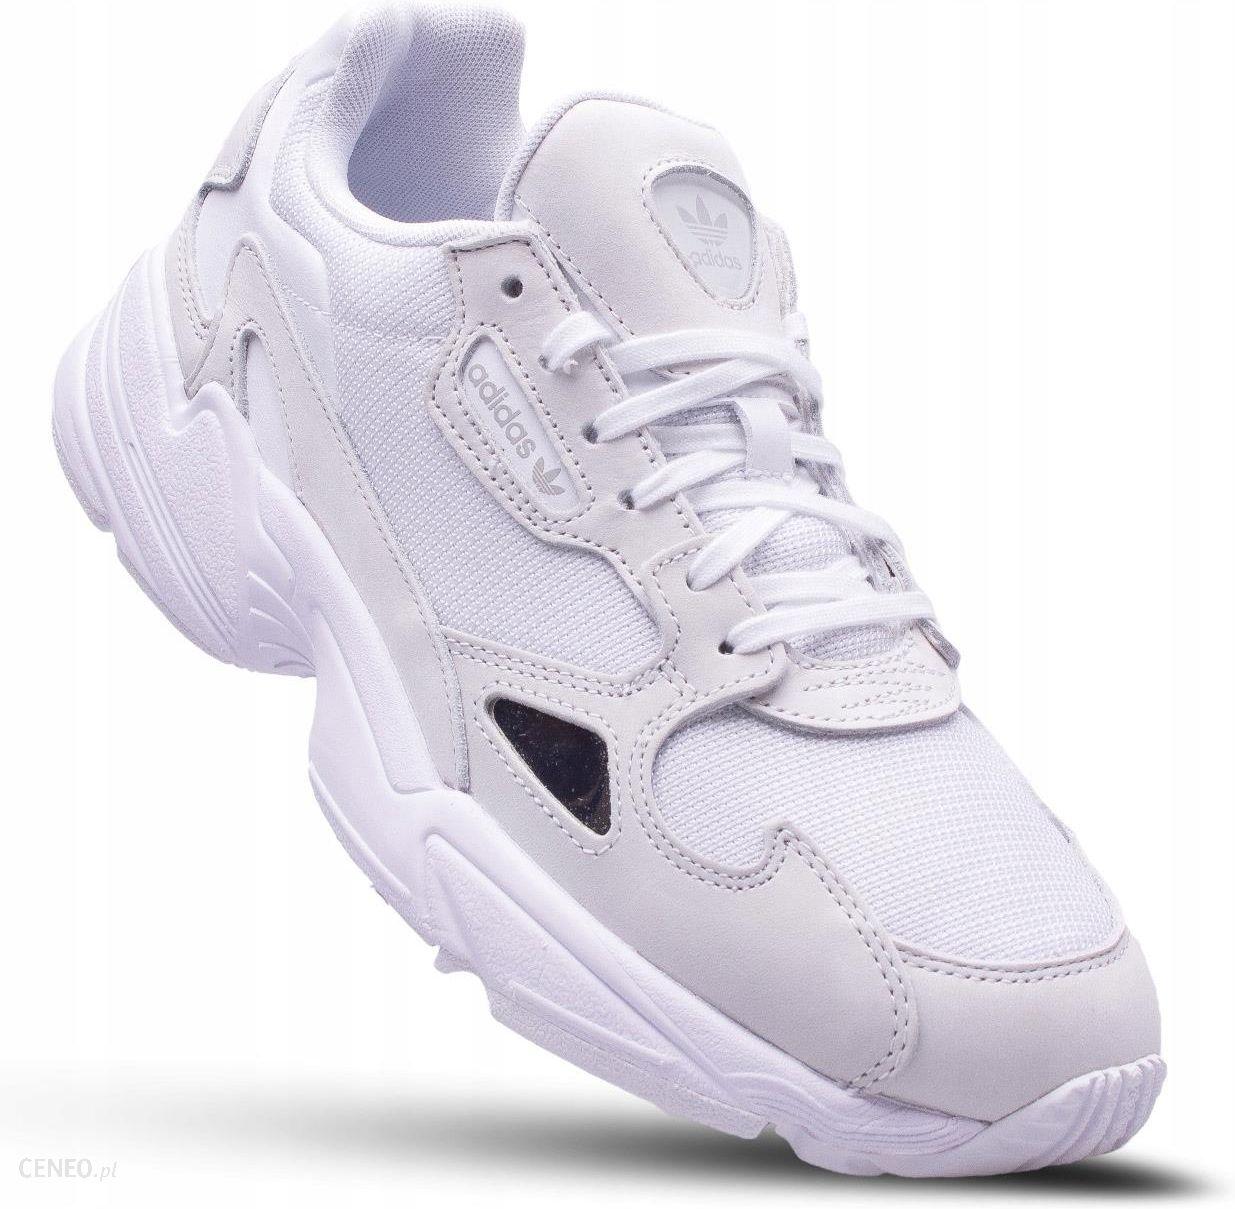 Buty damskie adidas Stan Smith AQ6272 białe 37 13 Ceny i opinie Ceneo.pl